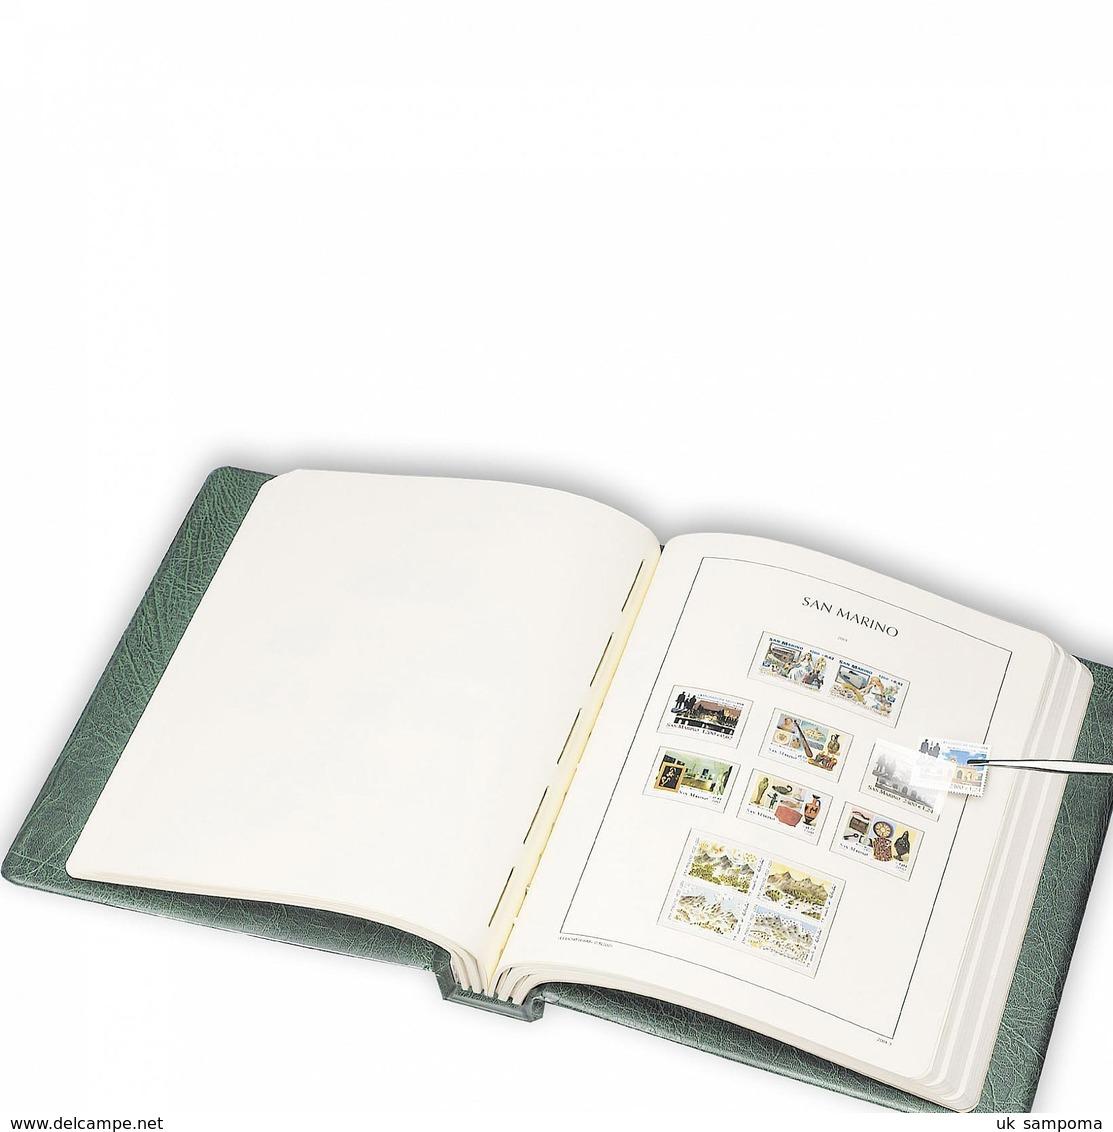 LEUCHTTURM SF-Vordruckalbum EXCELLENT DE, CL-Design UDSSR 1970-1976 Inkl.Schutzkass. Rot - Albums & Binders